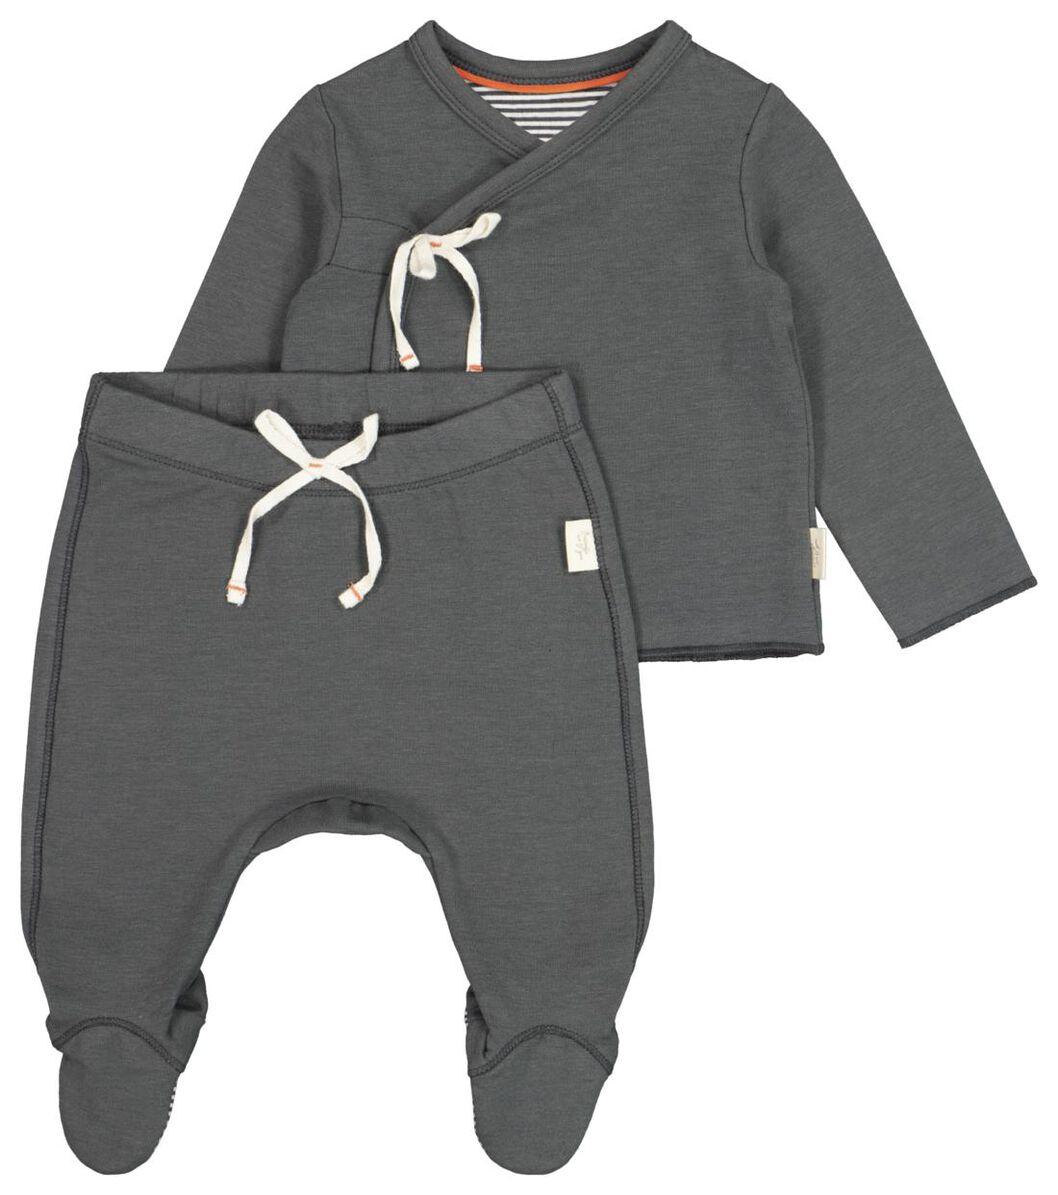 50% korting: Newborn setje voor 8 euro